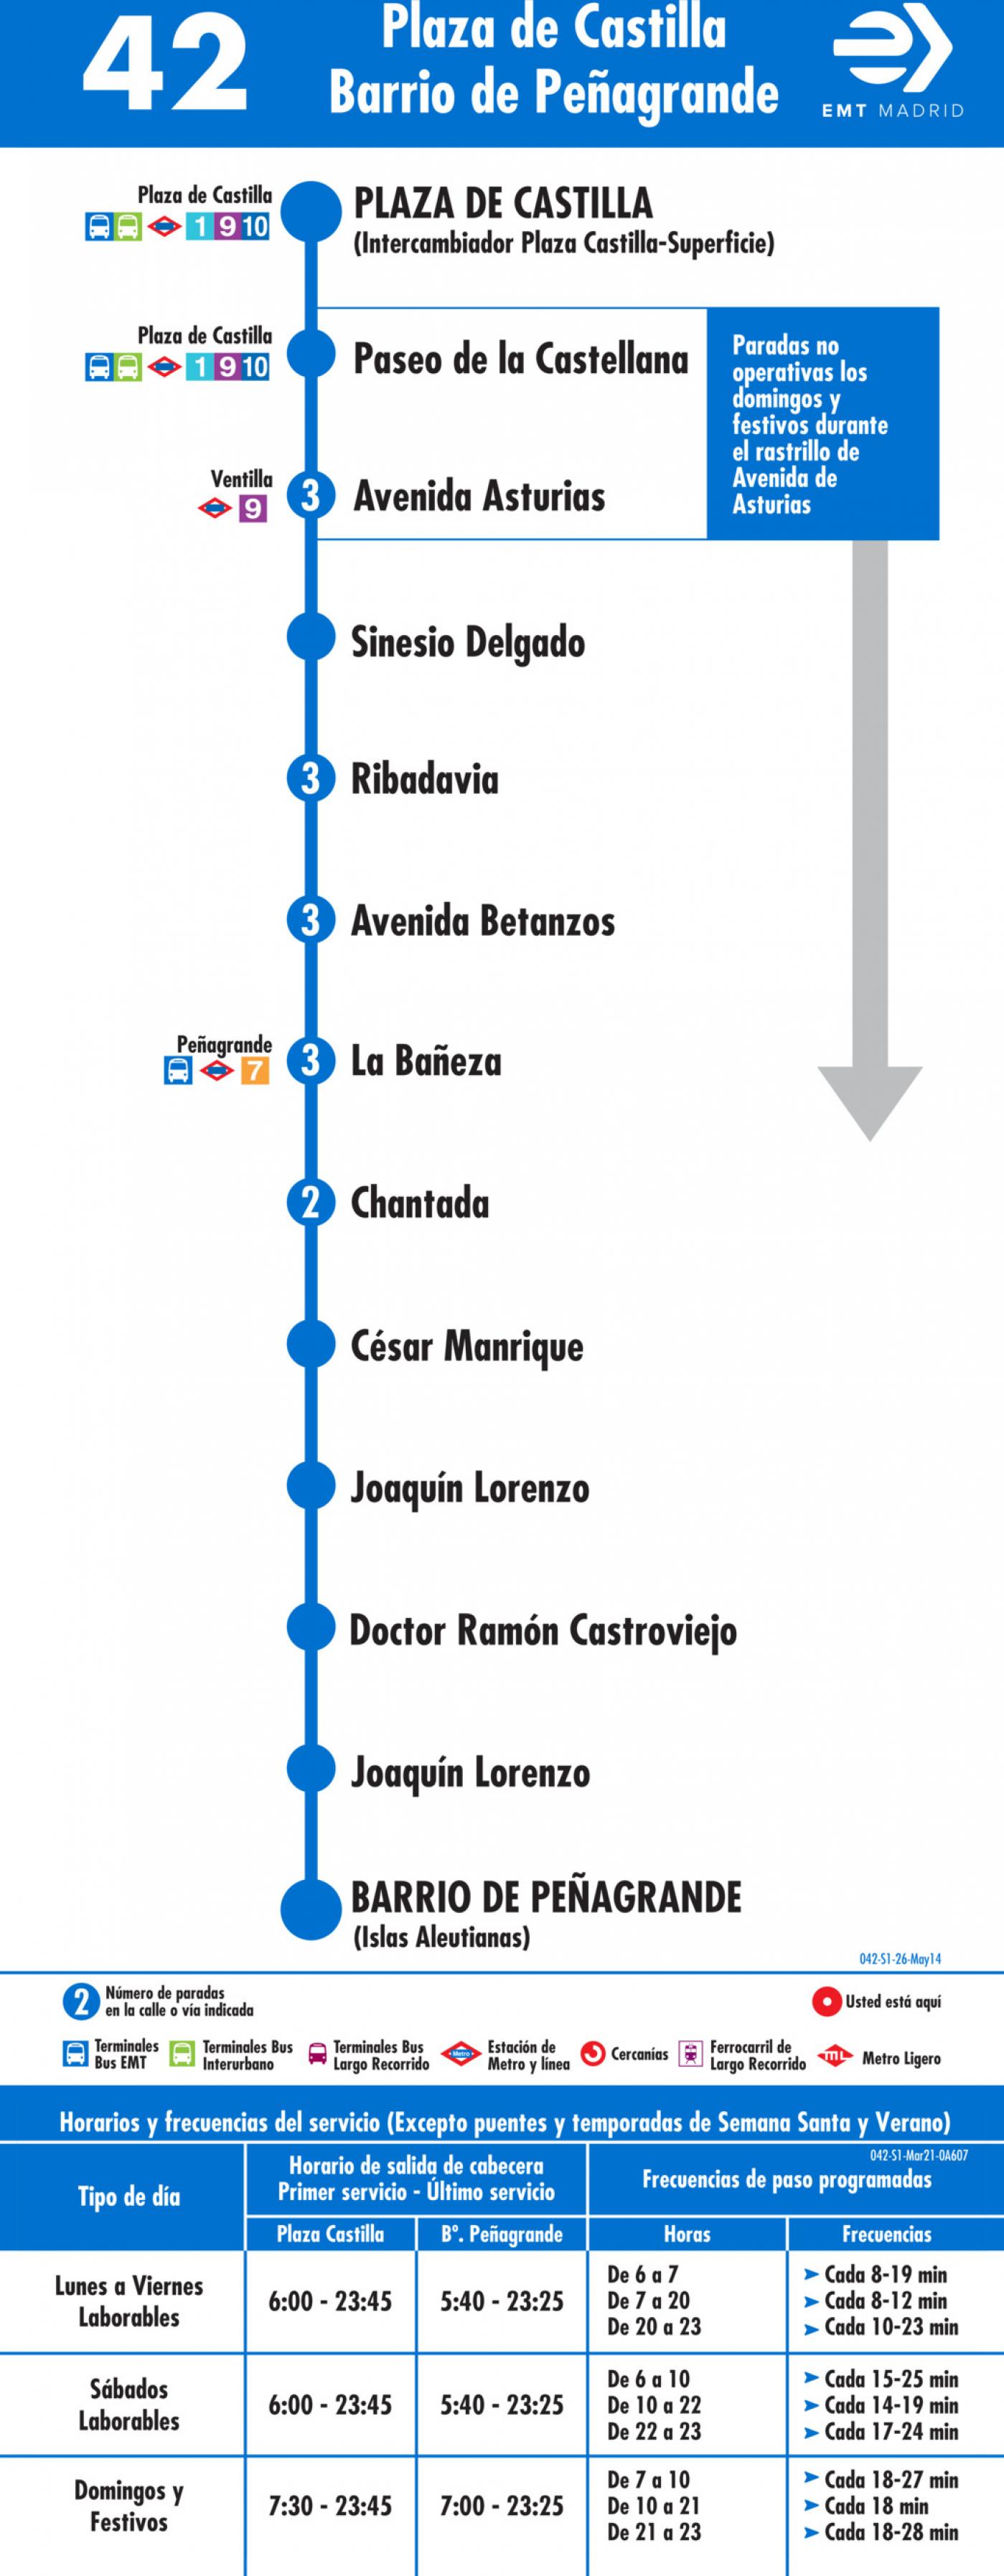 Tabla de horarios y frecuencias de paso en sentido ida Línea 42: Plaza de Castilla - Peña Grande